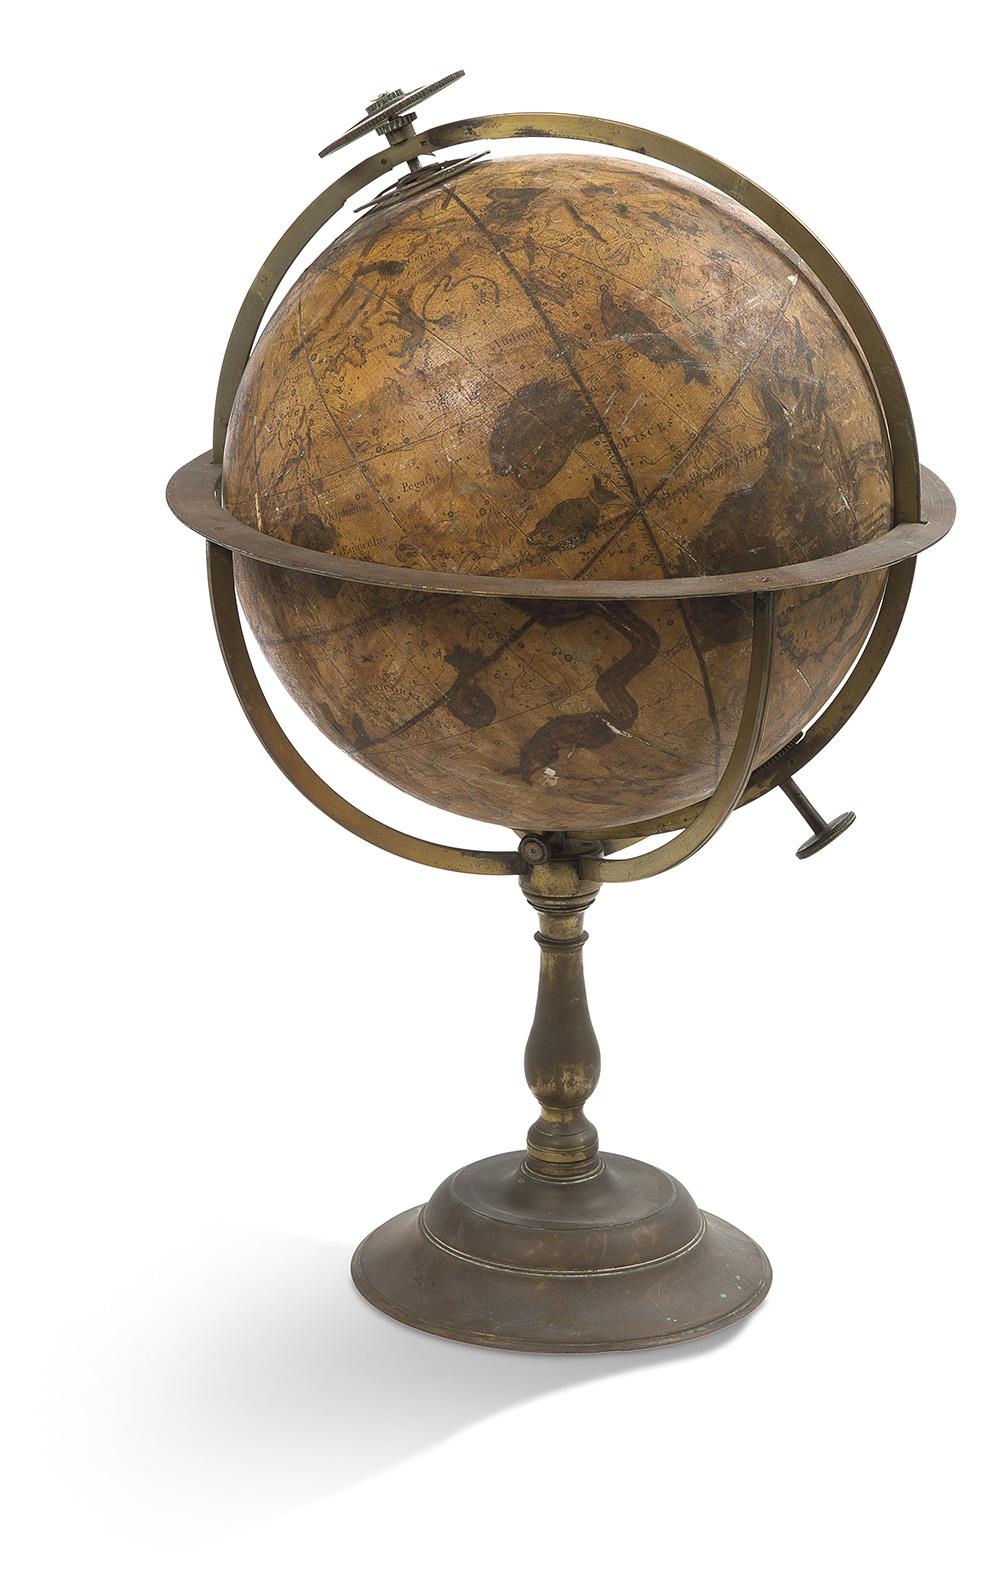 Ce globe céleste, portant la signature «A New Celestial Globe by R Caifhiee 1730», a été conçu pour réaliser des expériences astronomiques